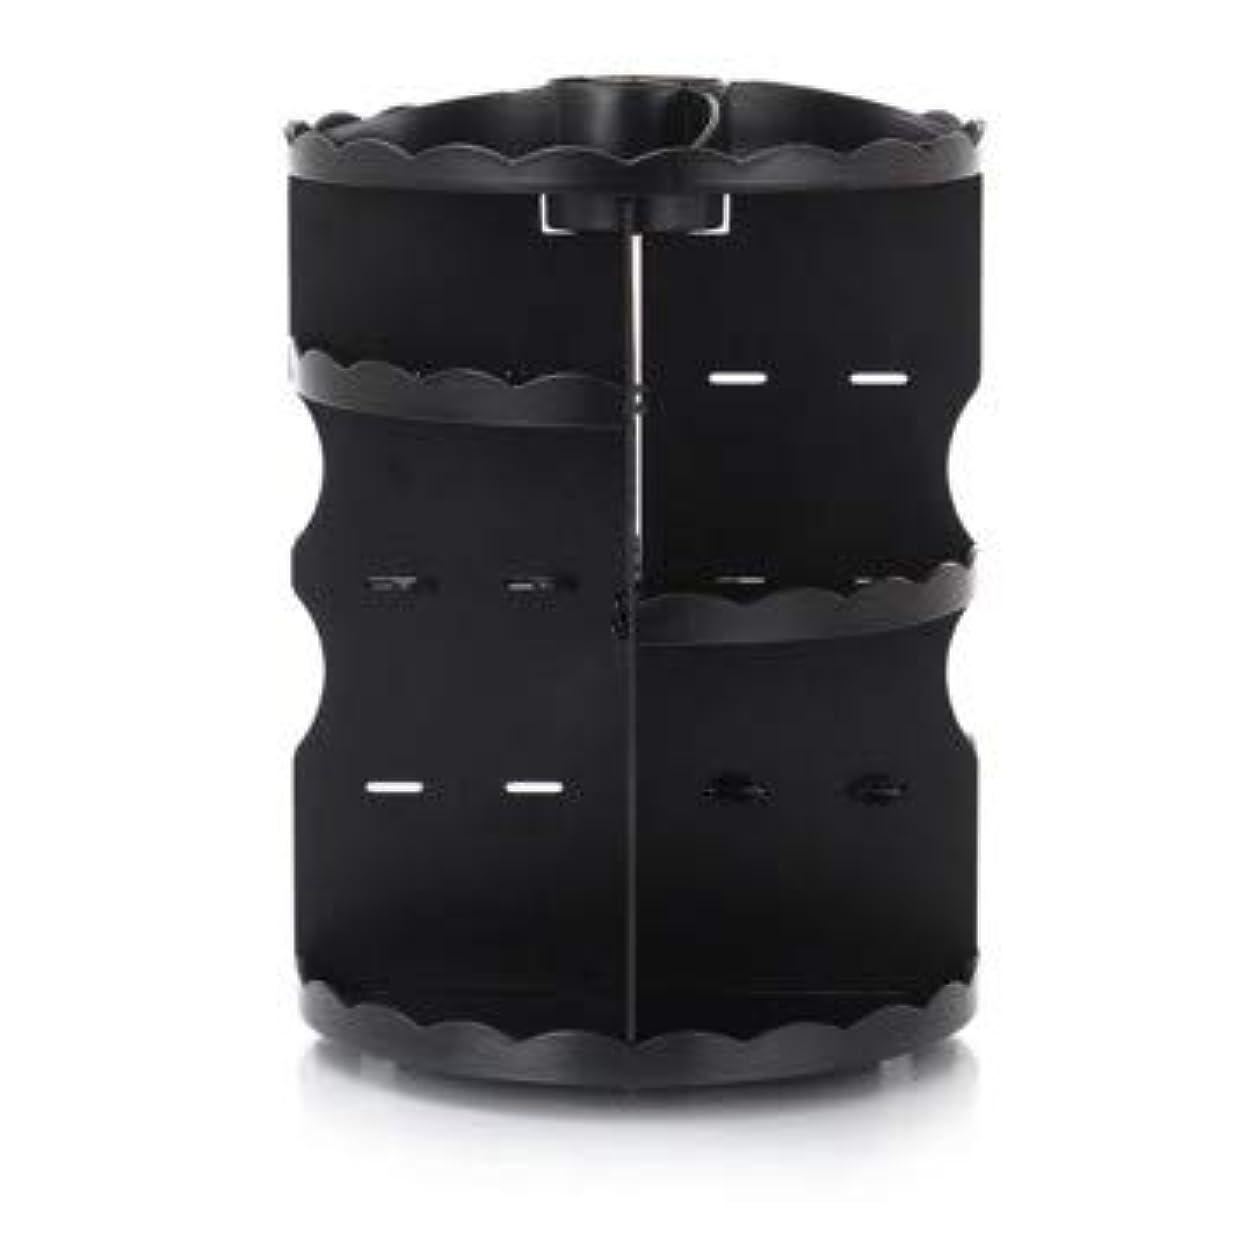 のヒープいっぱいのためラウンド卓上回転口紅フレーム透明アクリル化粧ケース浴室スキンケアプラスチック収納ボックス (Color : ブラック)